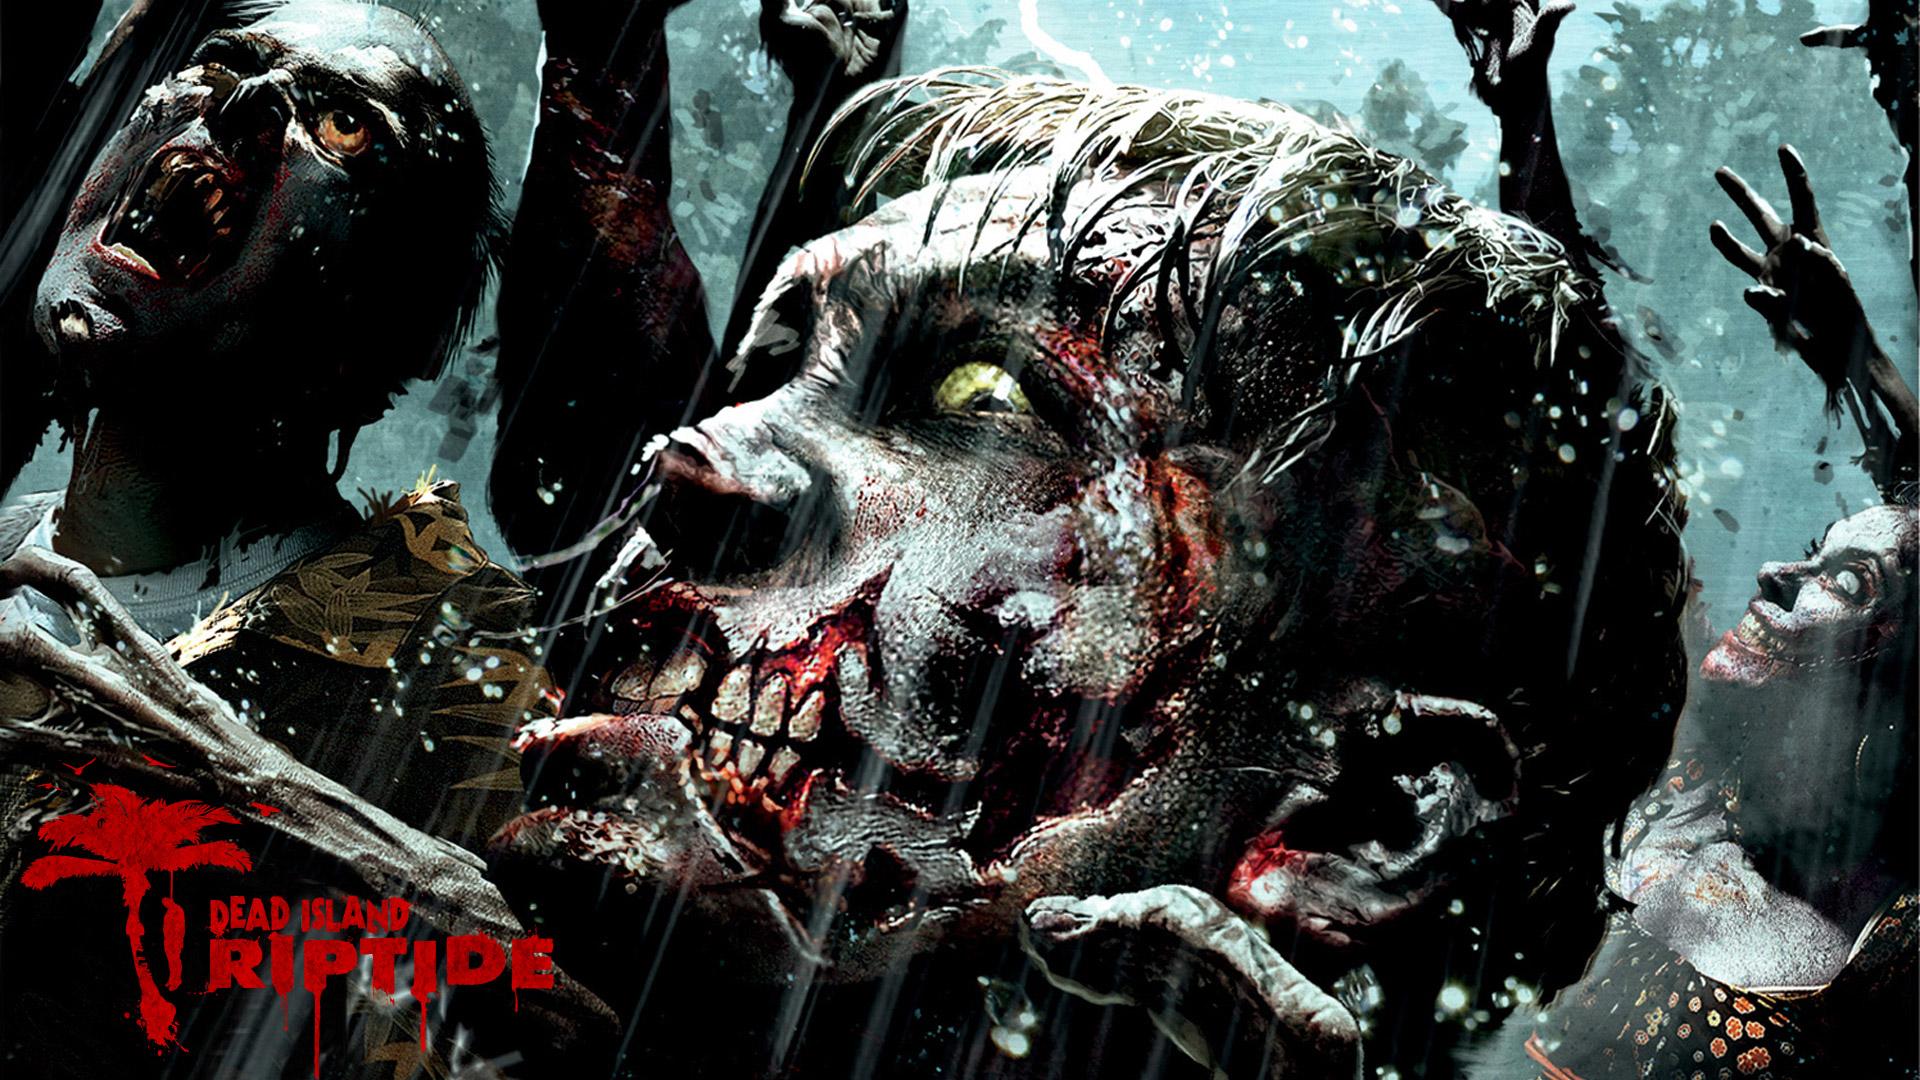 Dead Island Zombie Wallpaper